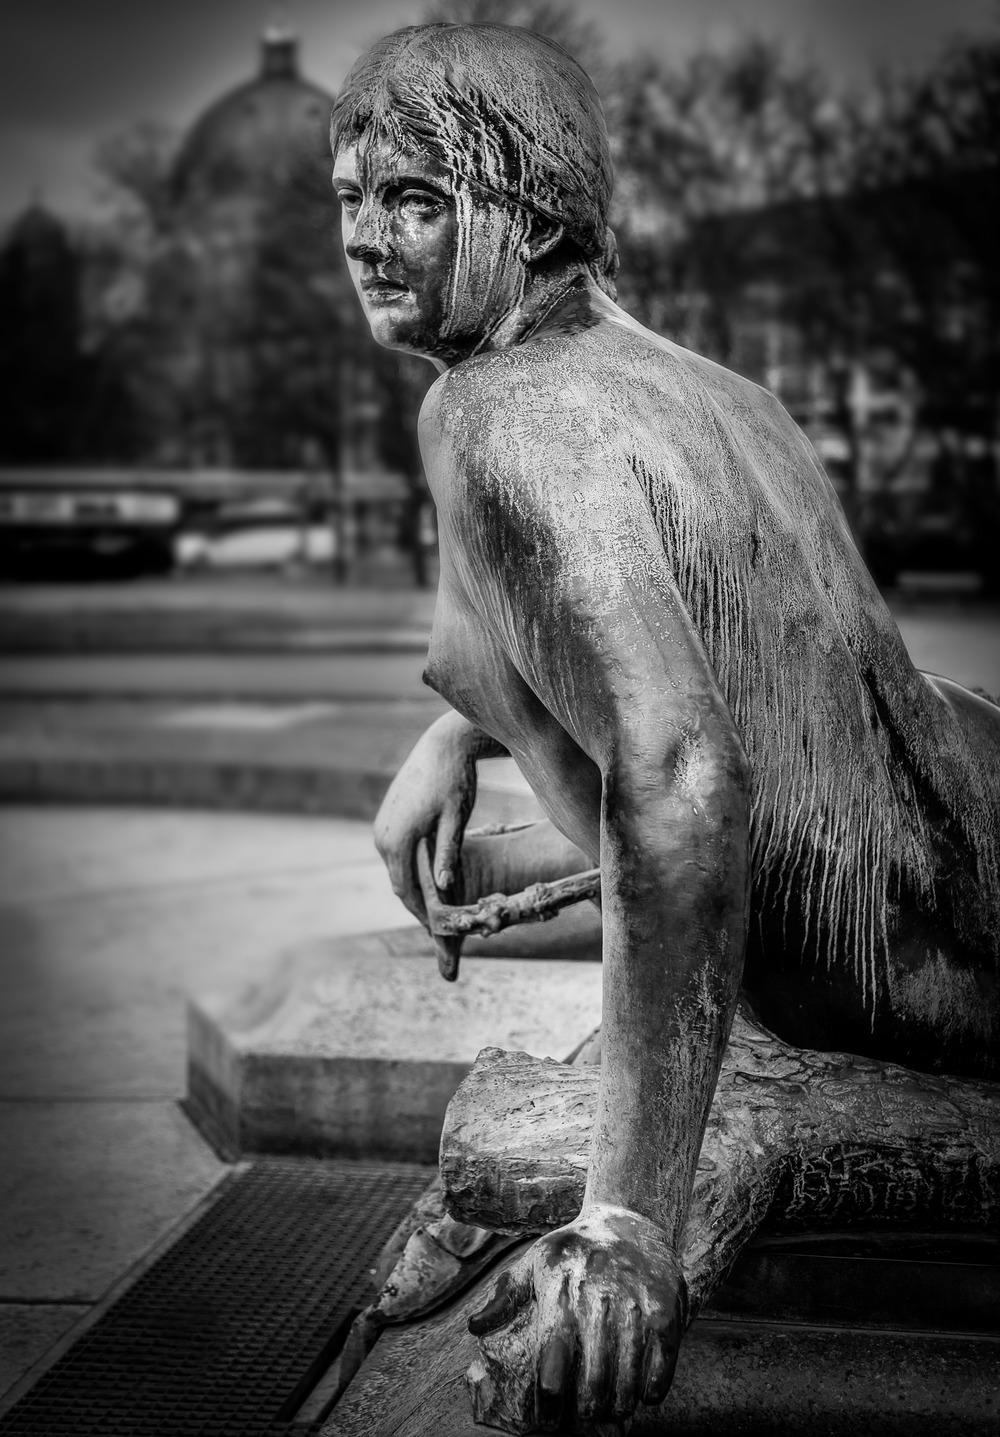 Berlin Sculpture 1.jpg